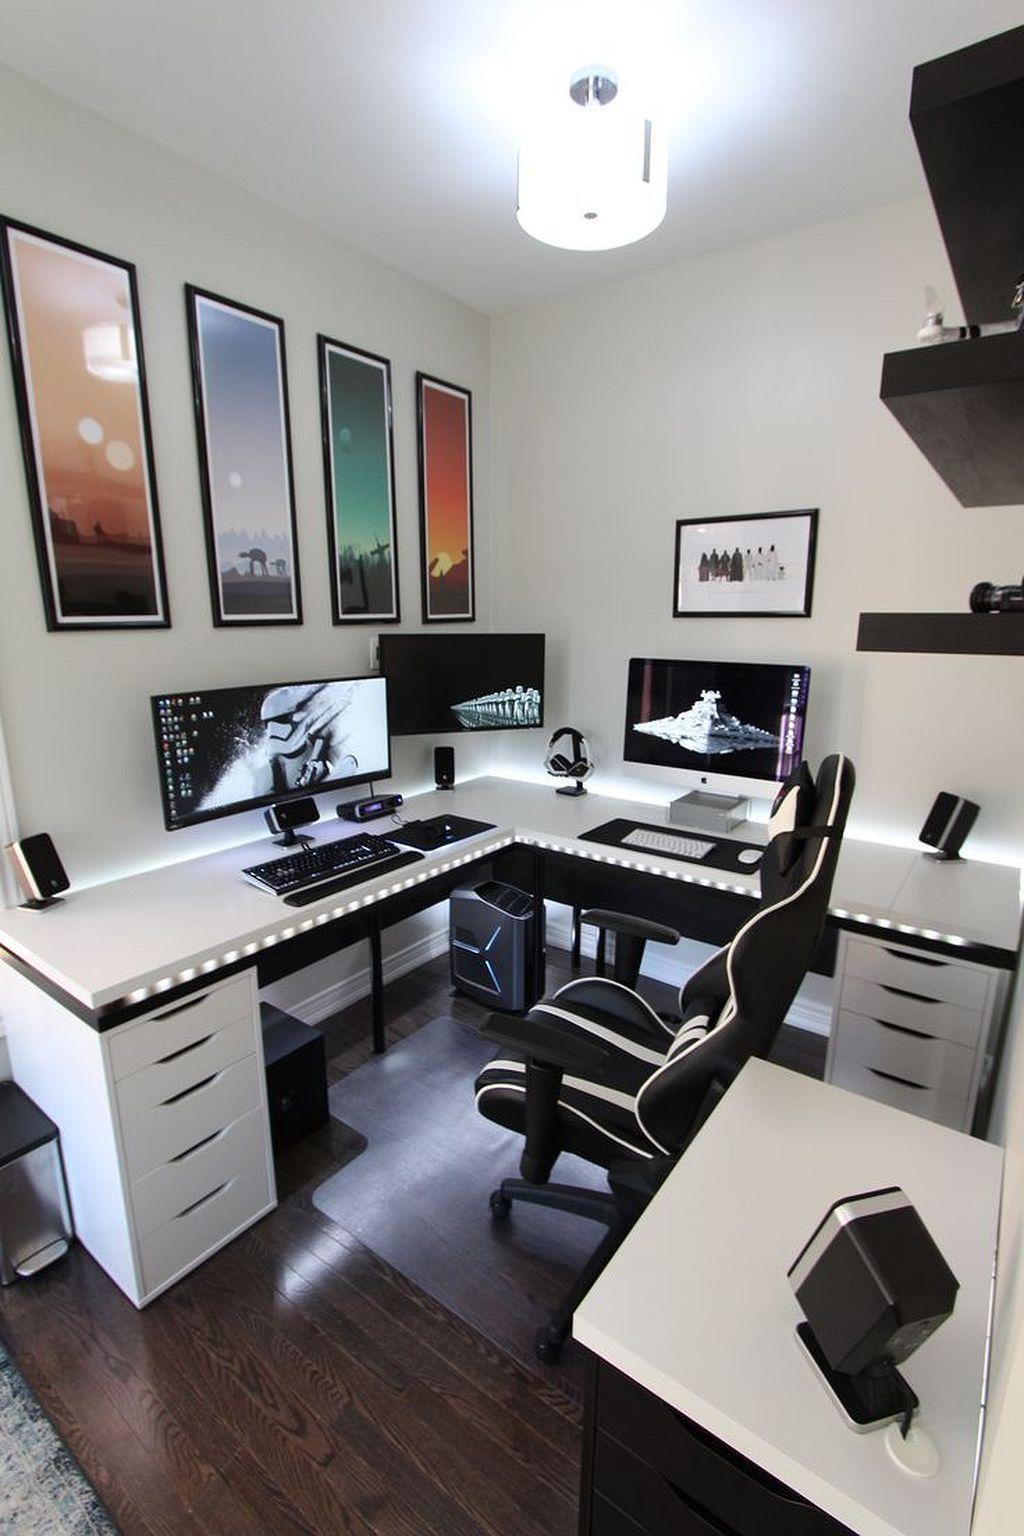 Cool Desk Set Up Gaming Computer Setup In 2020 Home Office Setup